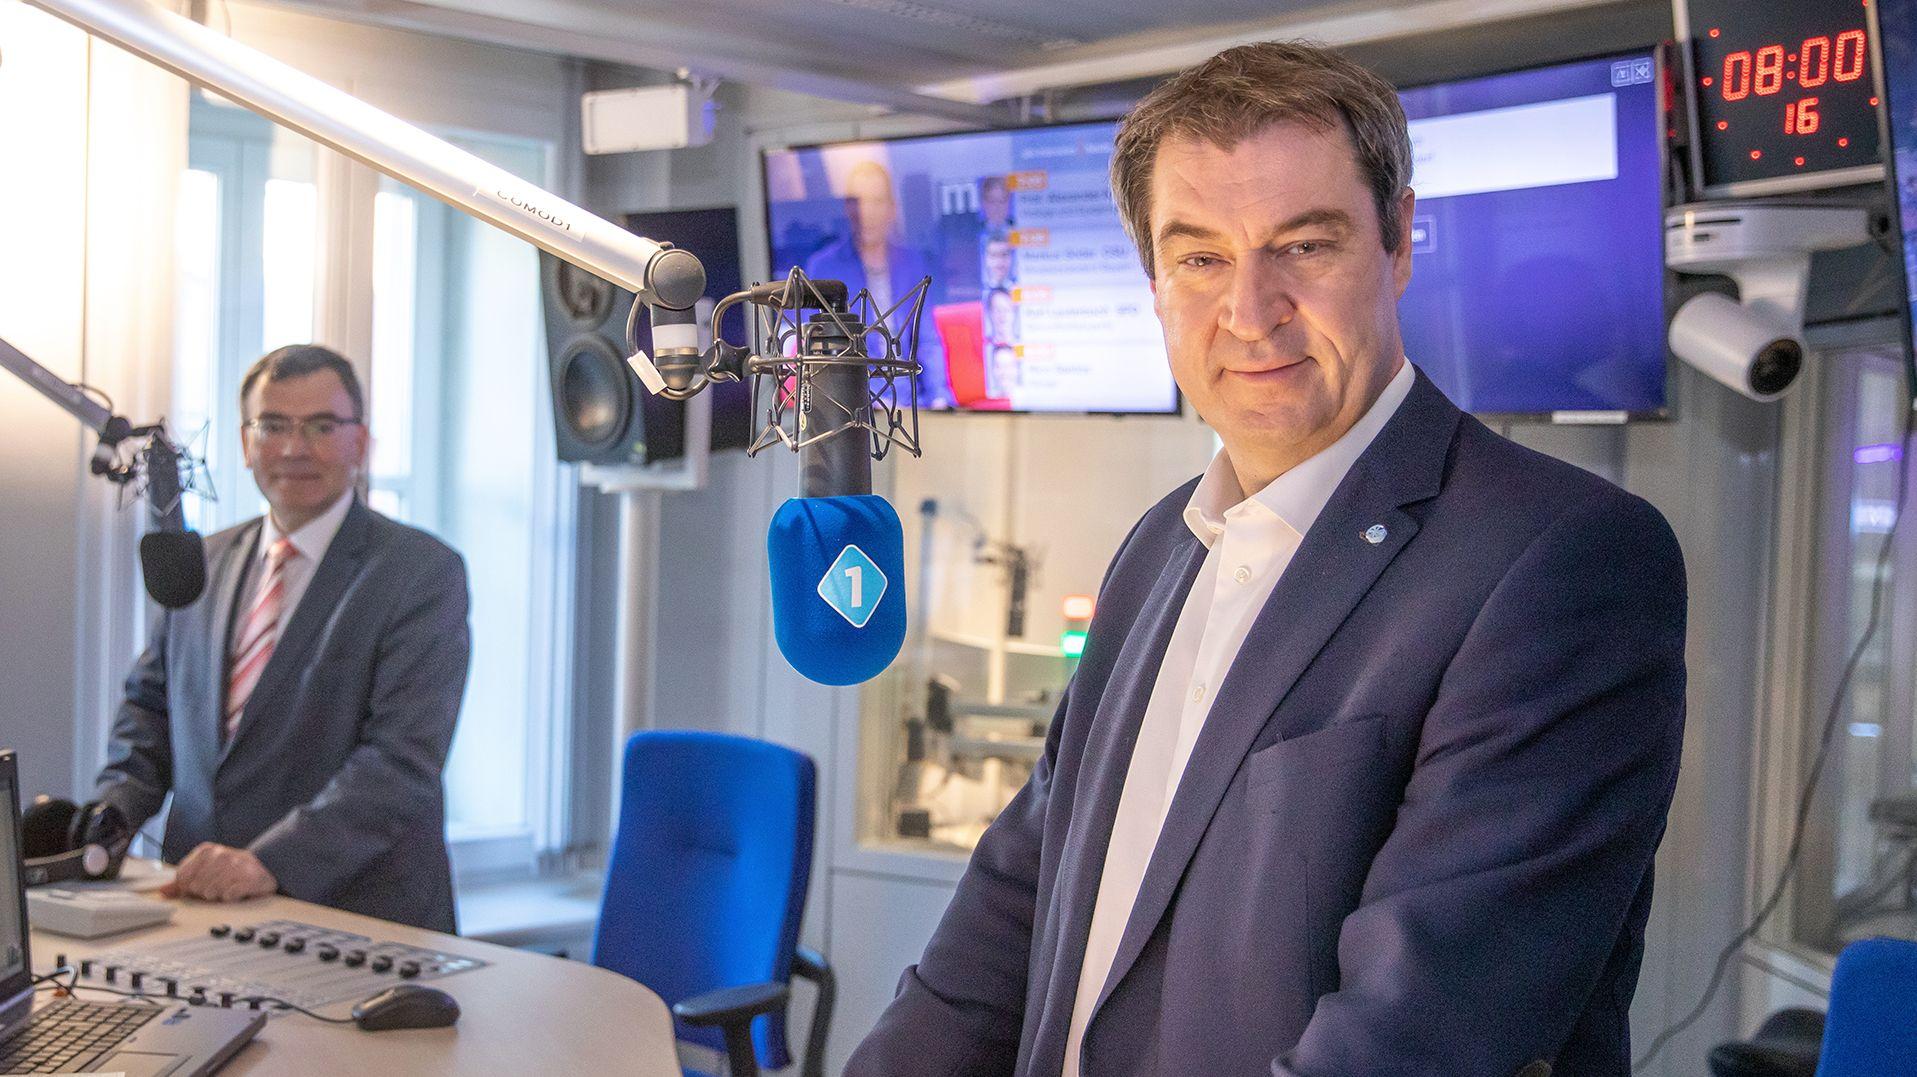 Ministerpräsident Söder und Staatskanzleichef Herrmann